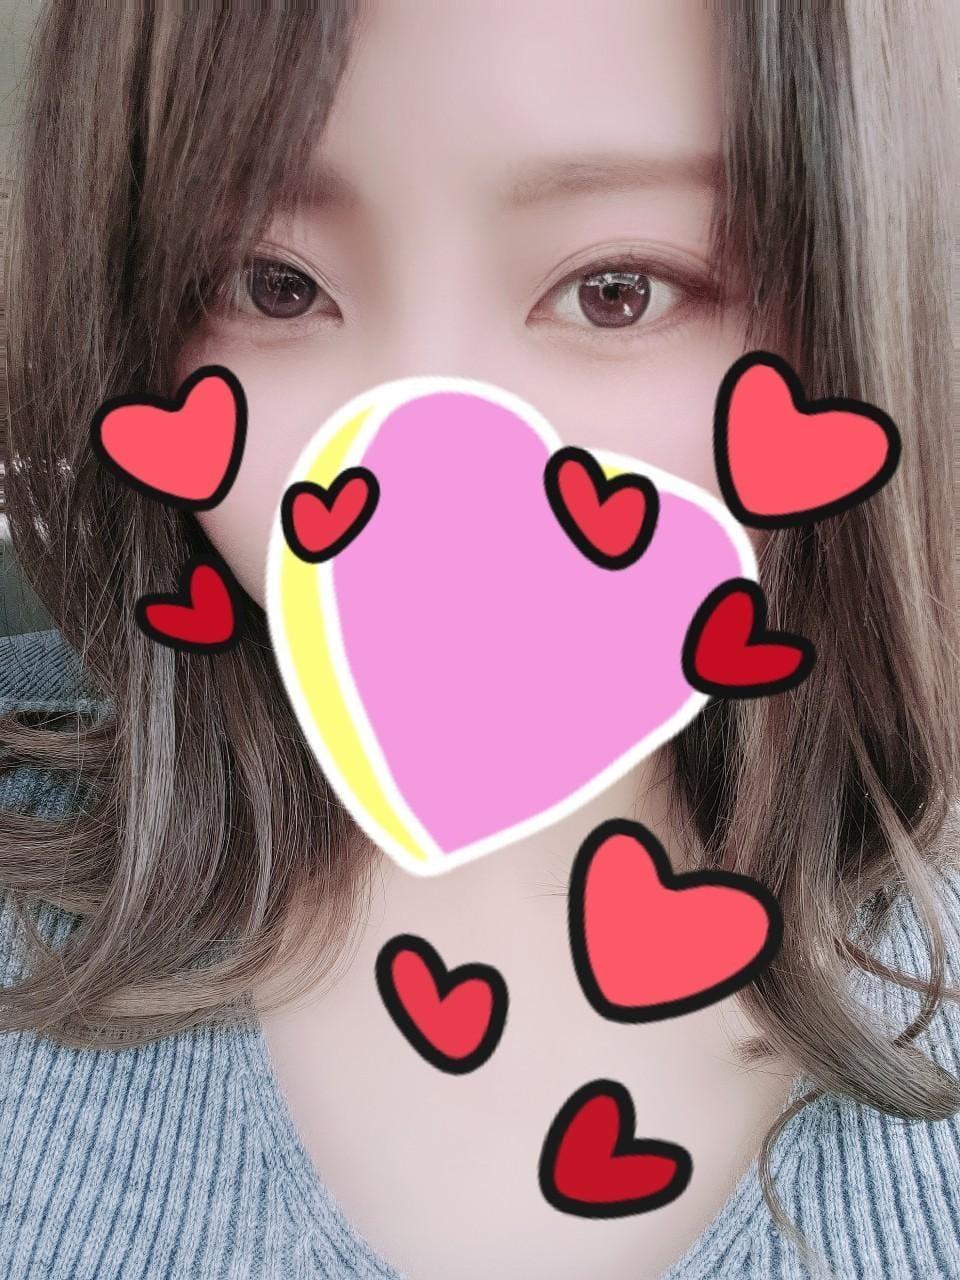 「今日遊んでくれたお兄さまへ♥」04/11(04/11) 20:54 | Ranna(らんな)の写メ・風俗動画